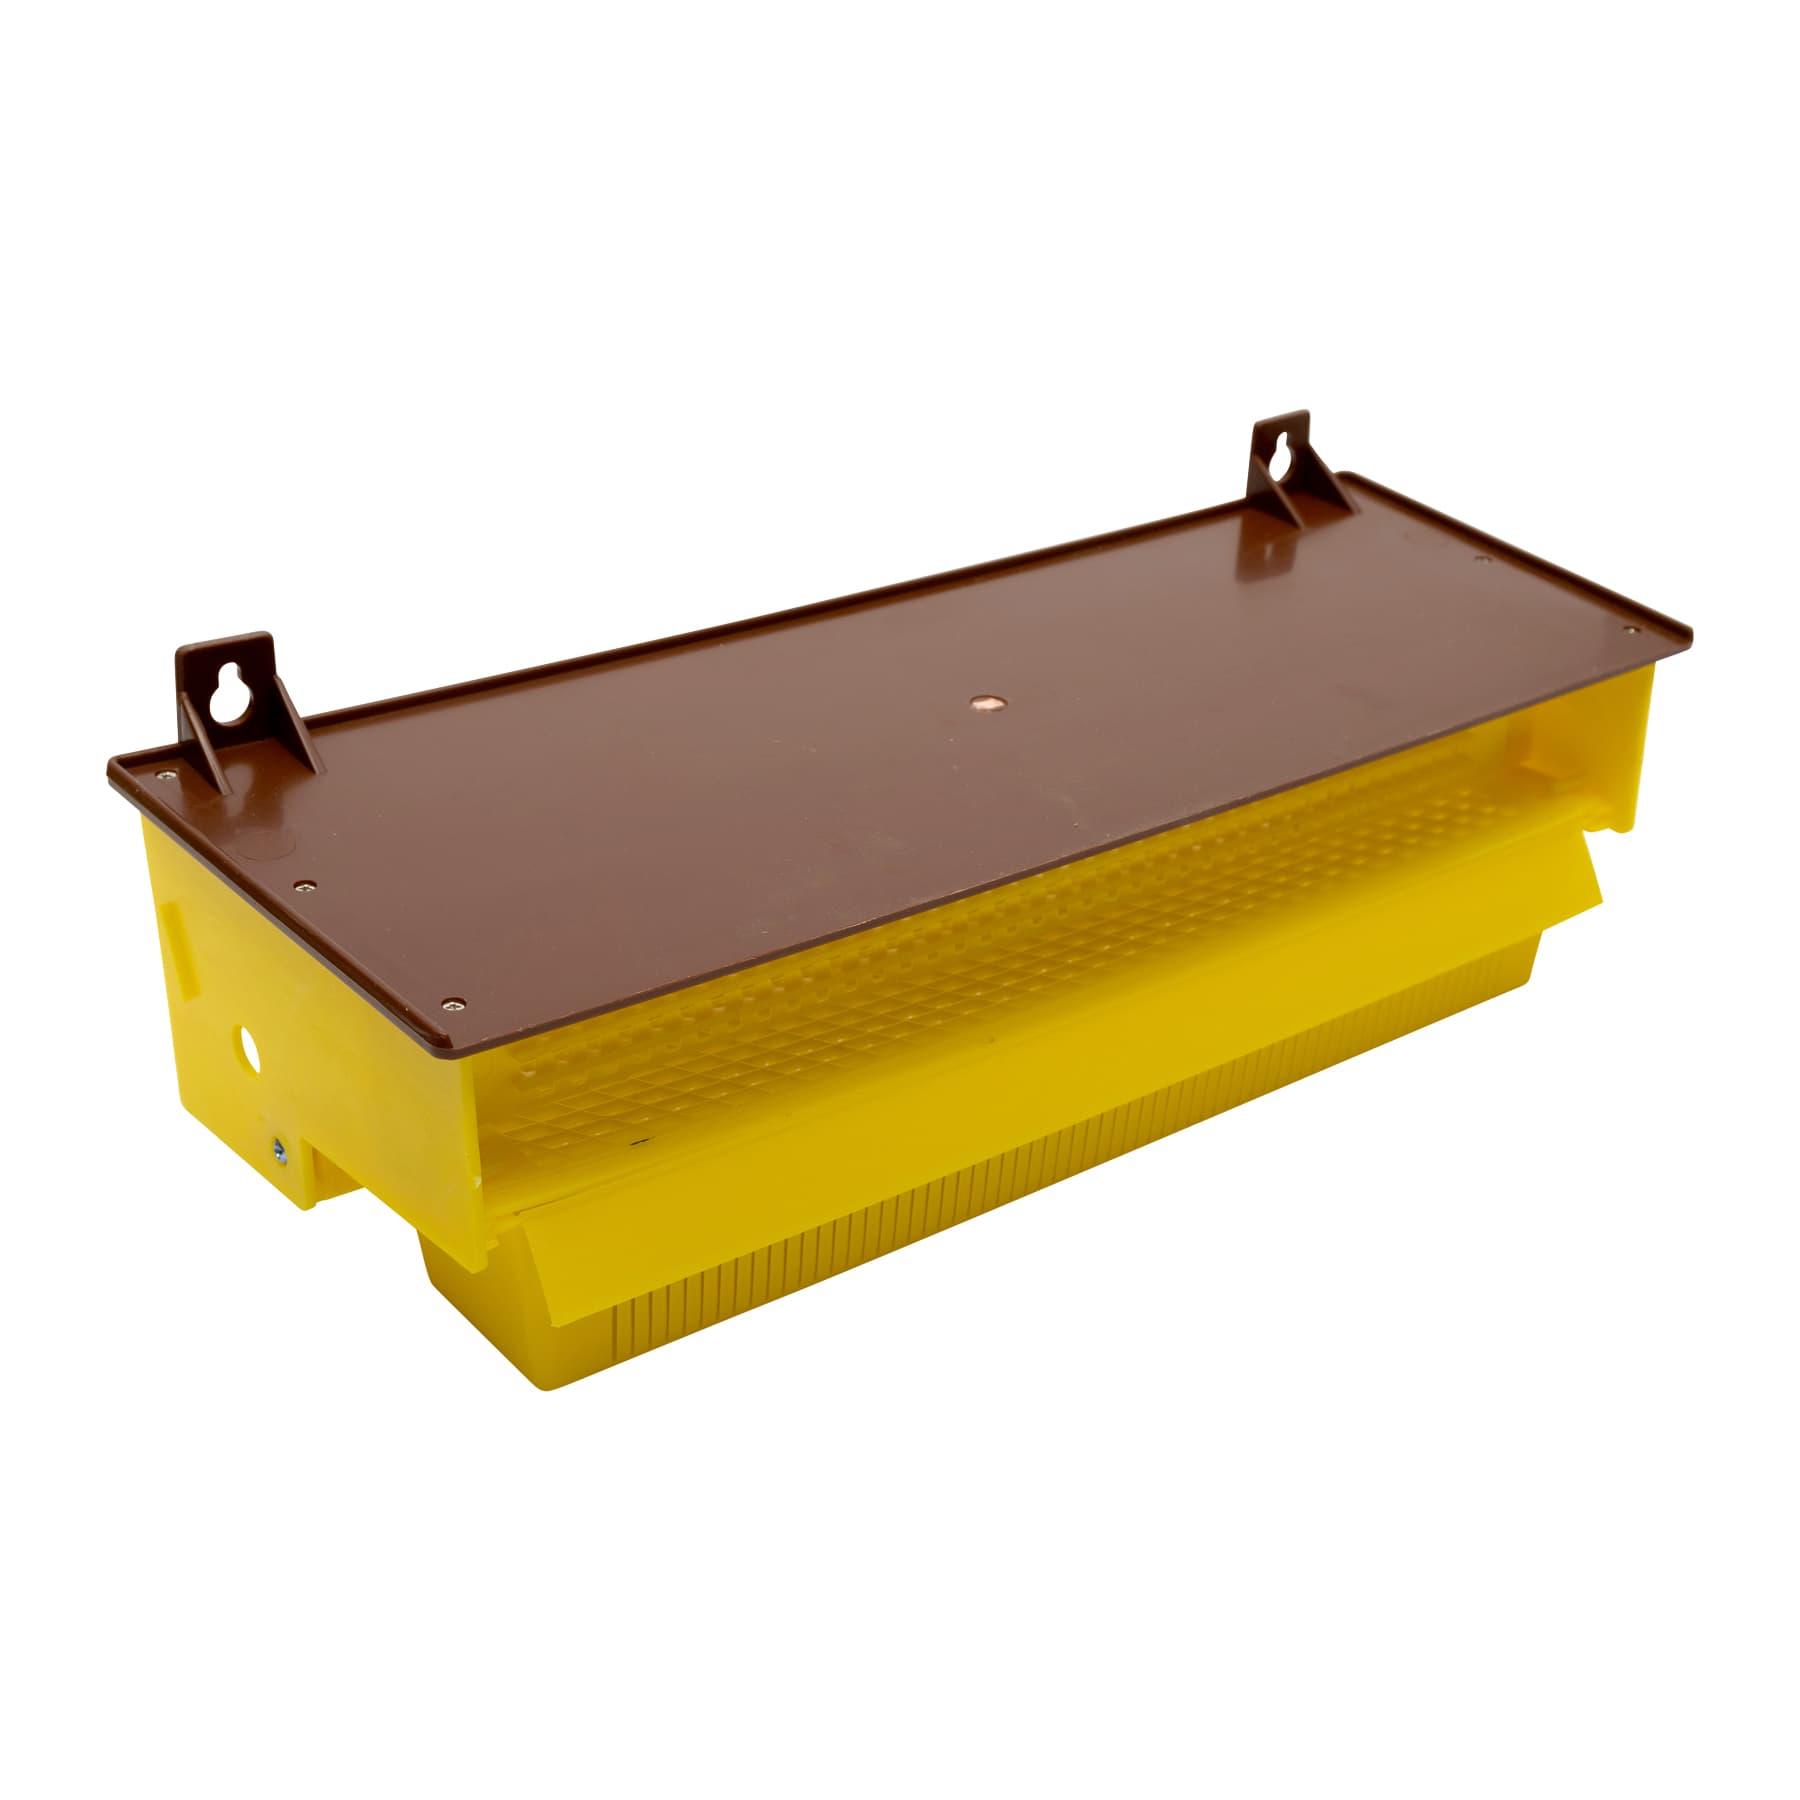 Pollenfalle aus gelbem/braunen Kunststoff, Standard ca. 40 x 15 x 10